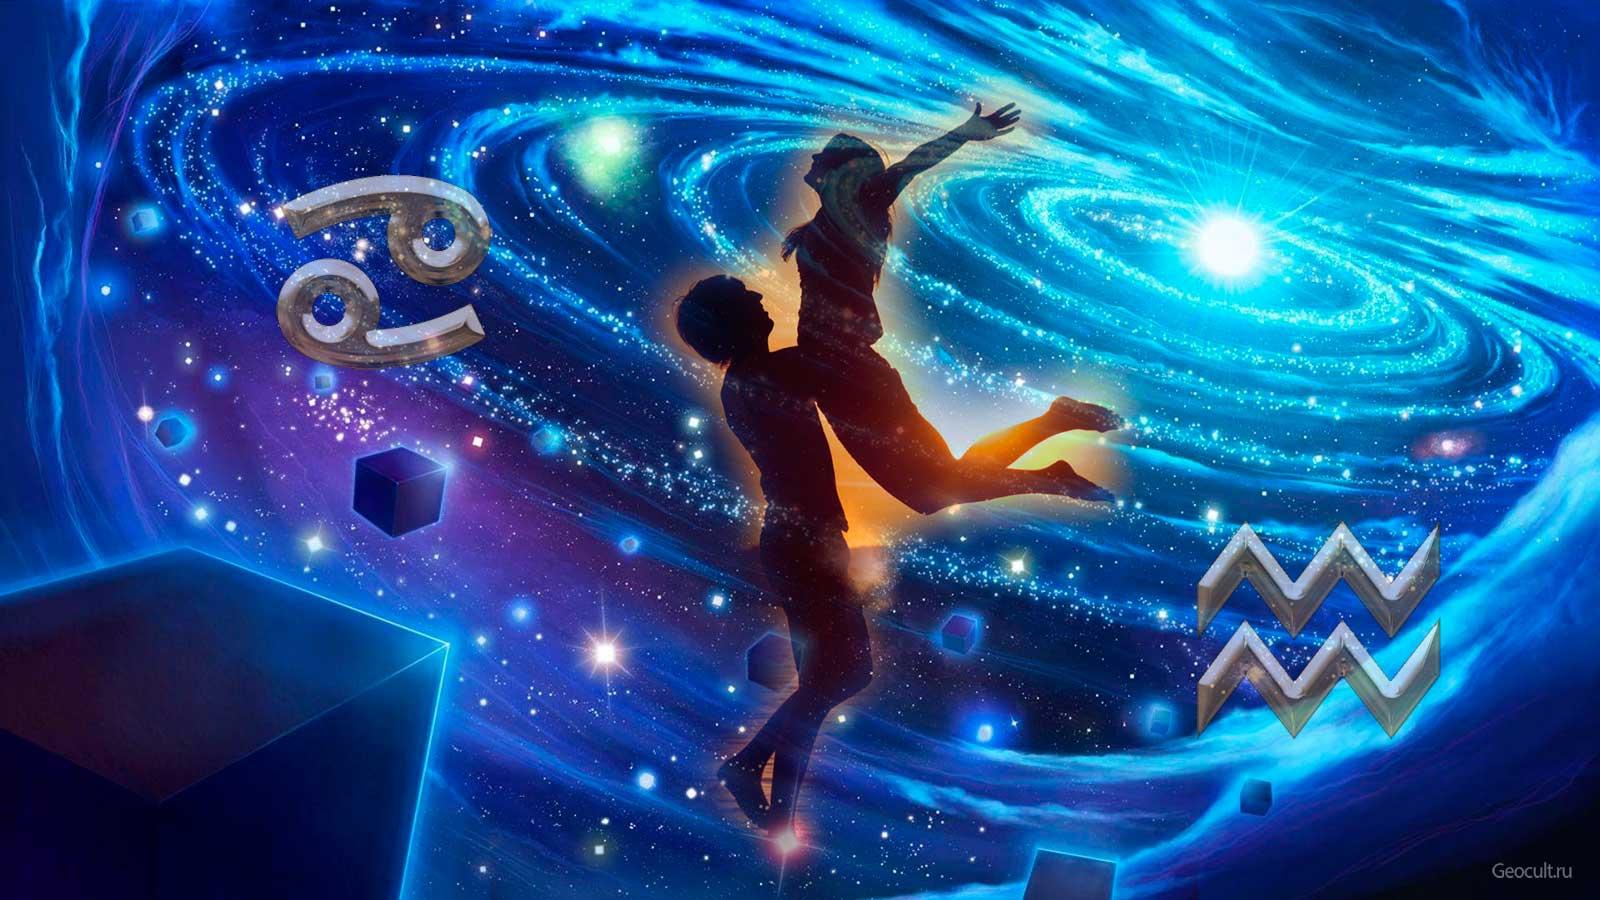 Мужчина-телец и девушка-водолей не верят никаким глупым предзнаменованиям звёзд, они просто наслаждаются охватившими их чувствами и эмоциями.